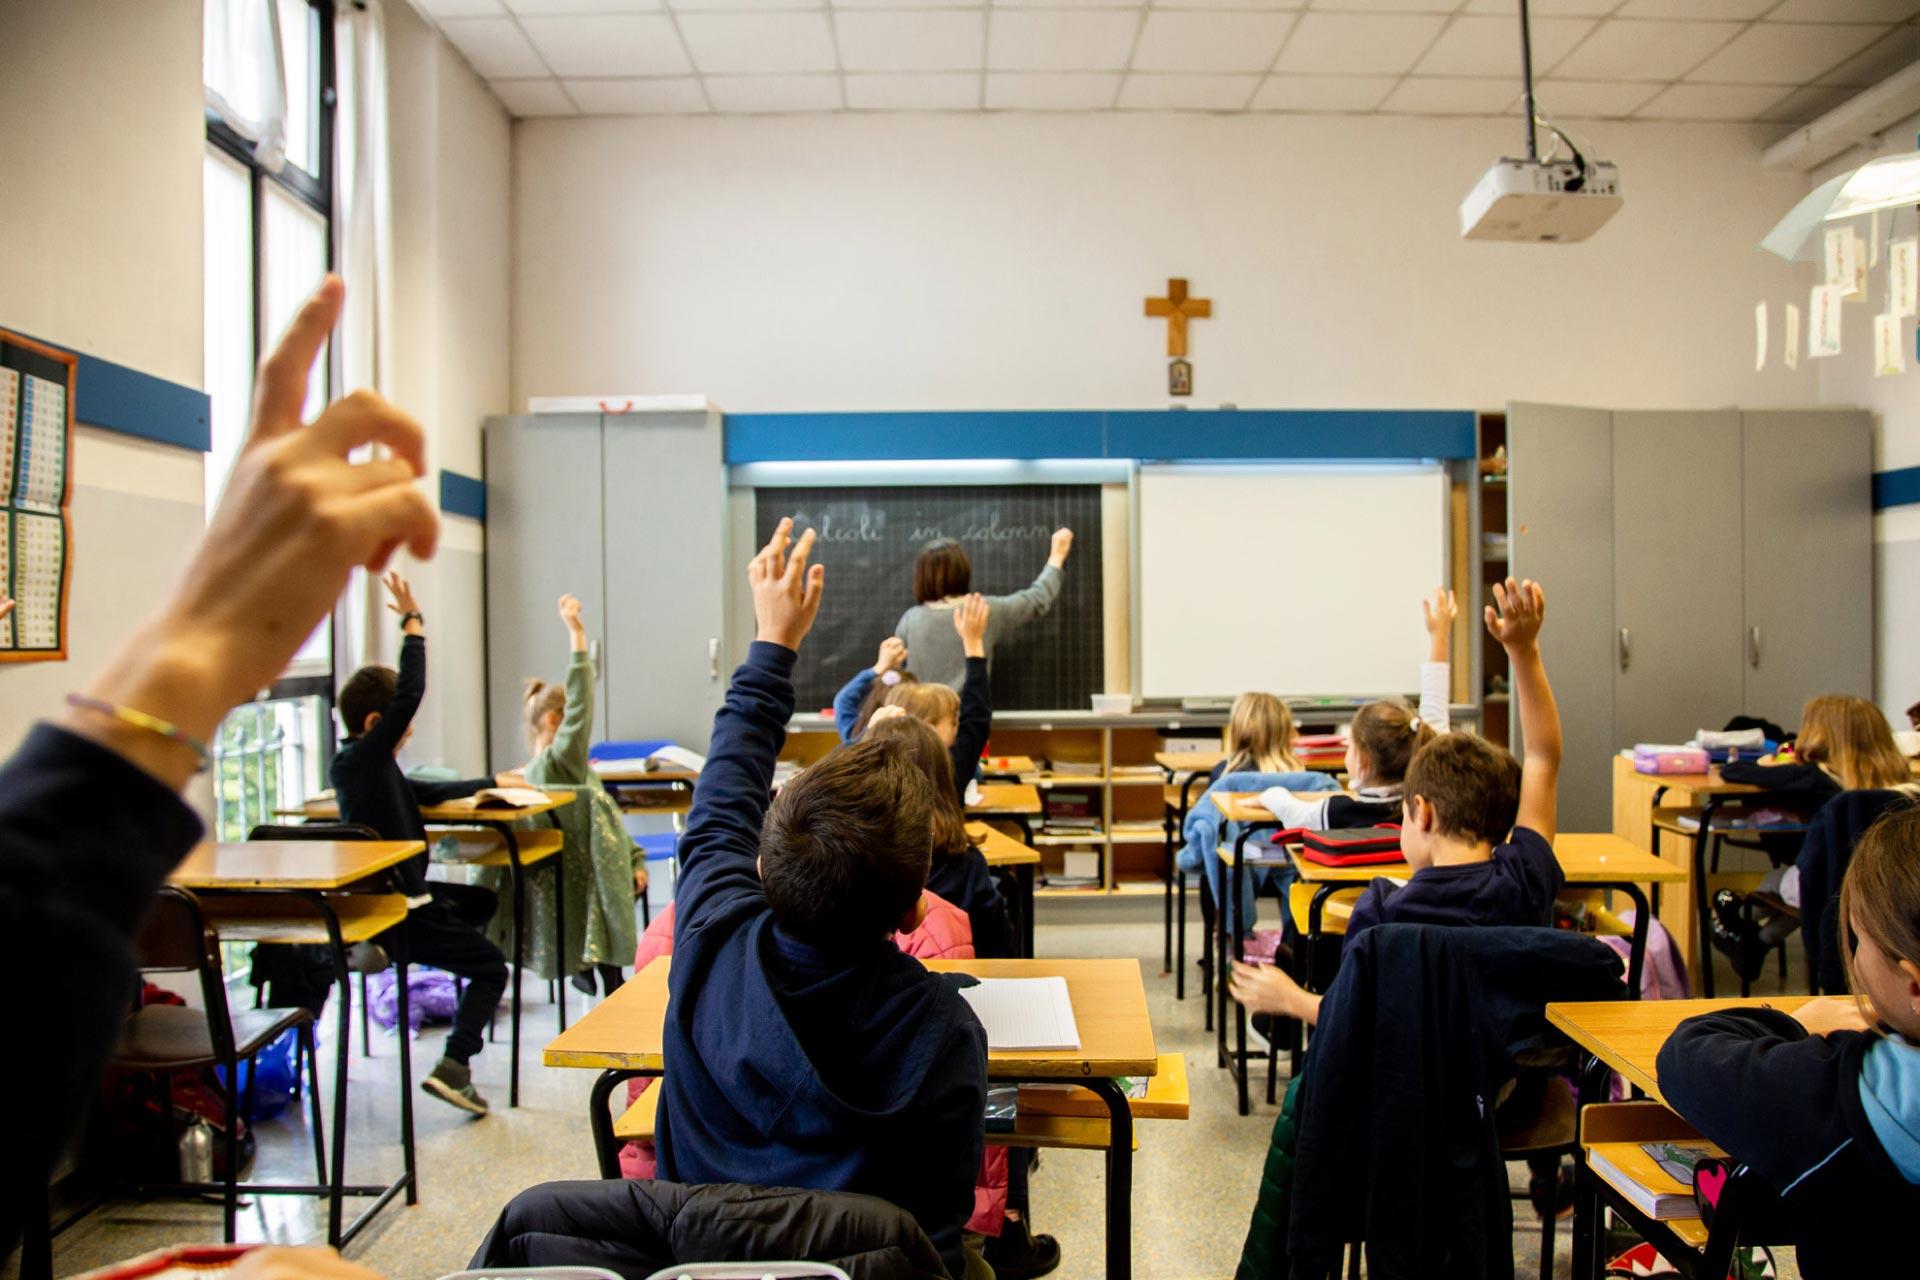 Scuola Primaria del Collegio Villoresi: bambini con la mano alzata in classe